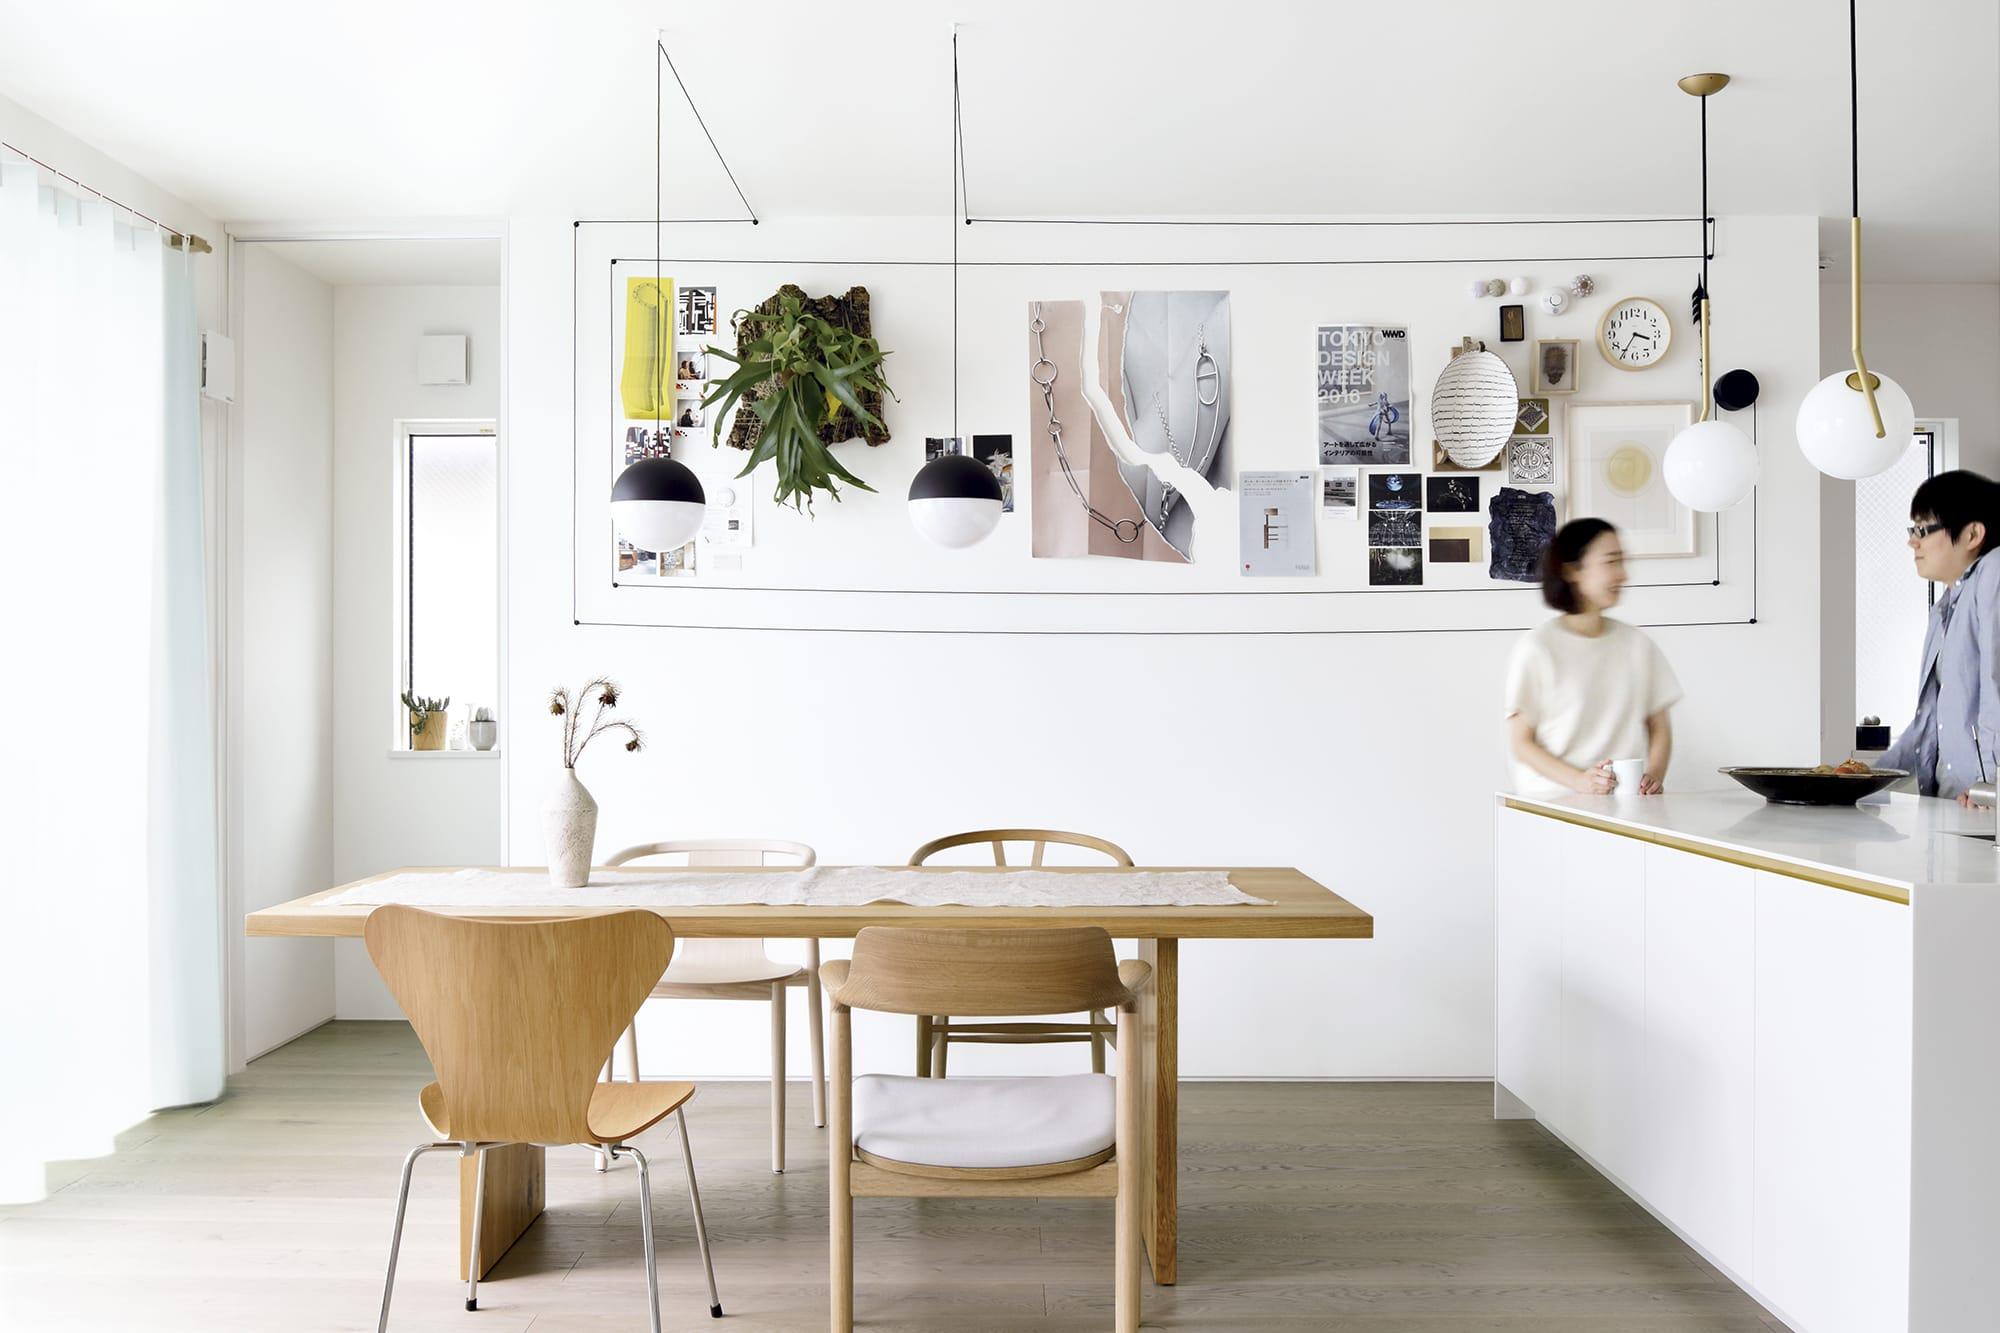 クリップボードのようになっている壁が印象的なキッチンダイニング。回遊型にしたことで2人でキッチン作業がスムーズになる。キッチン製作=リネアタラーラ/住宅設計=住友林業Photography by Miyuki Kaneko